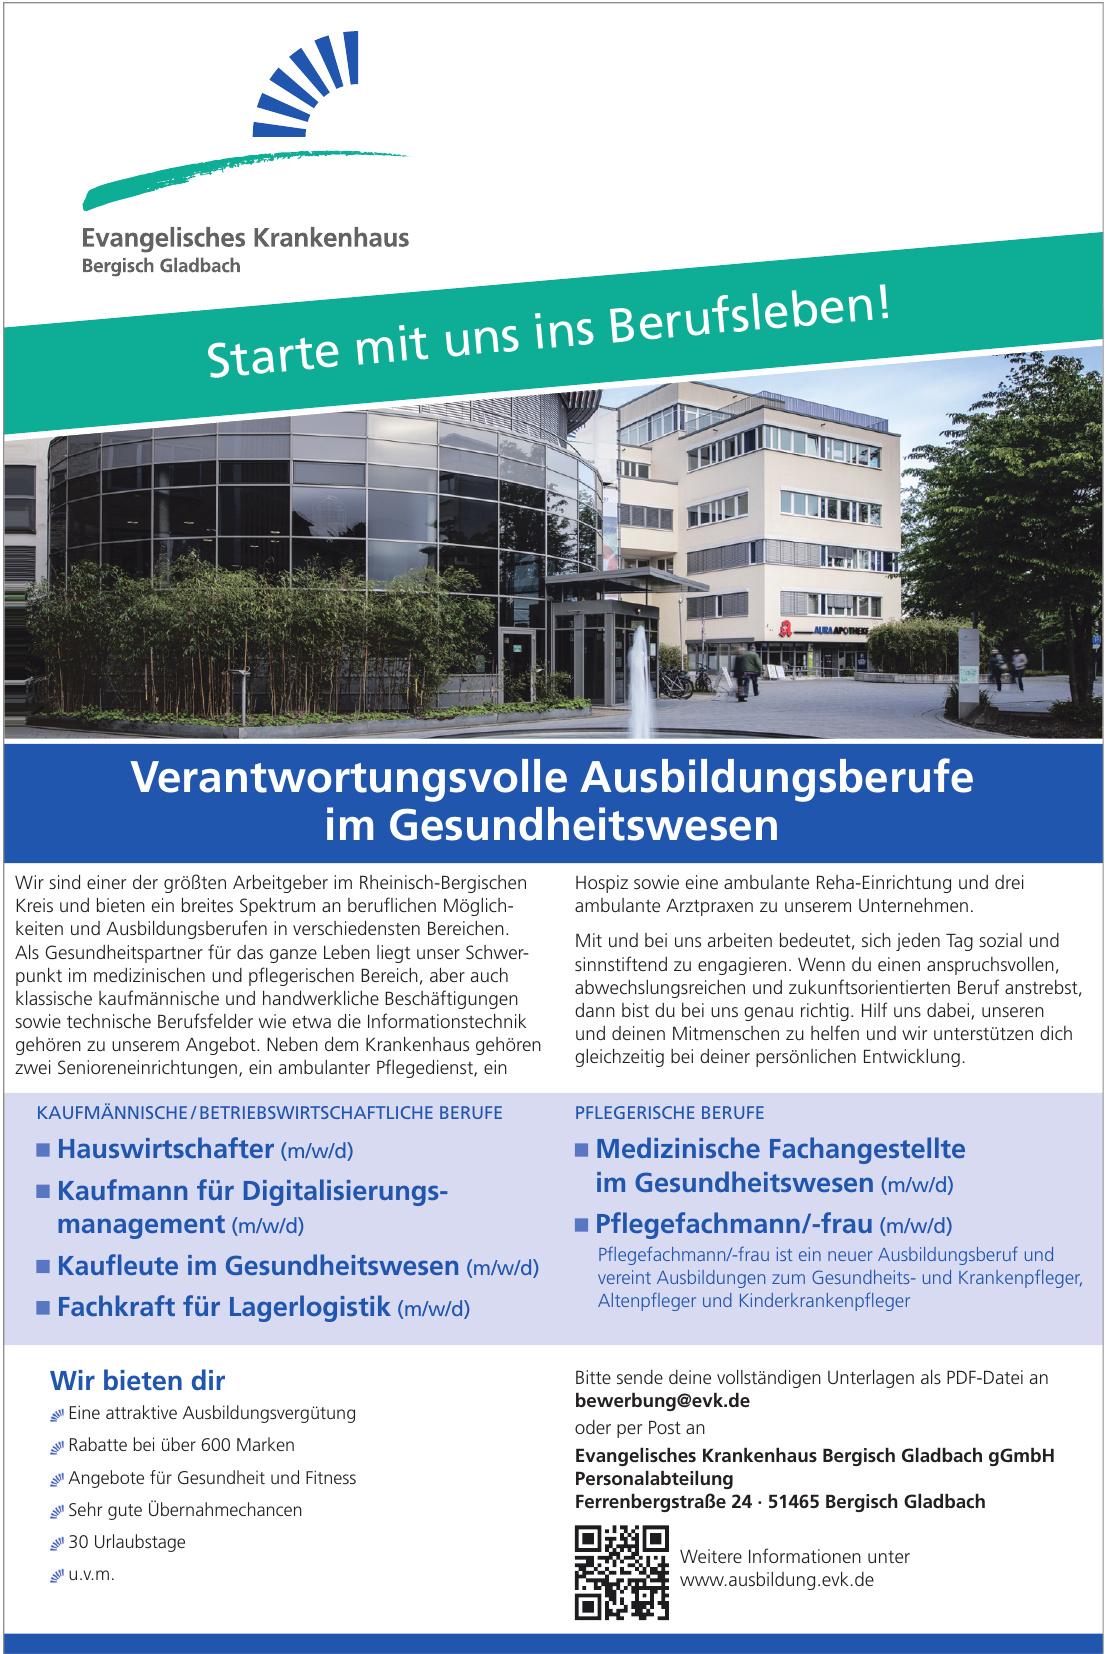 Evangelisches Krankenhaus Bergisch Gladbach